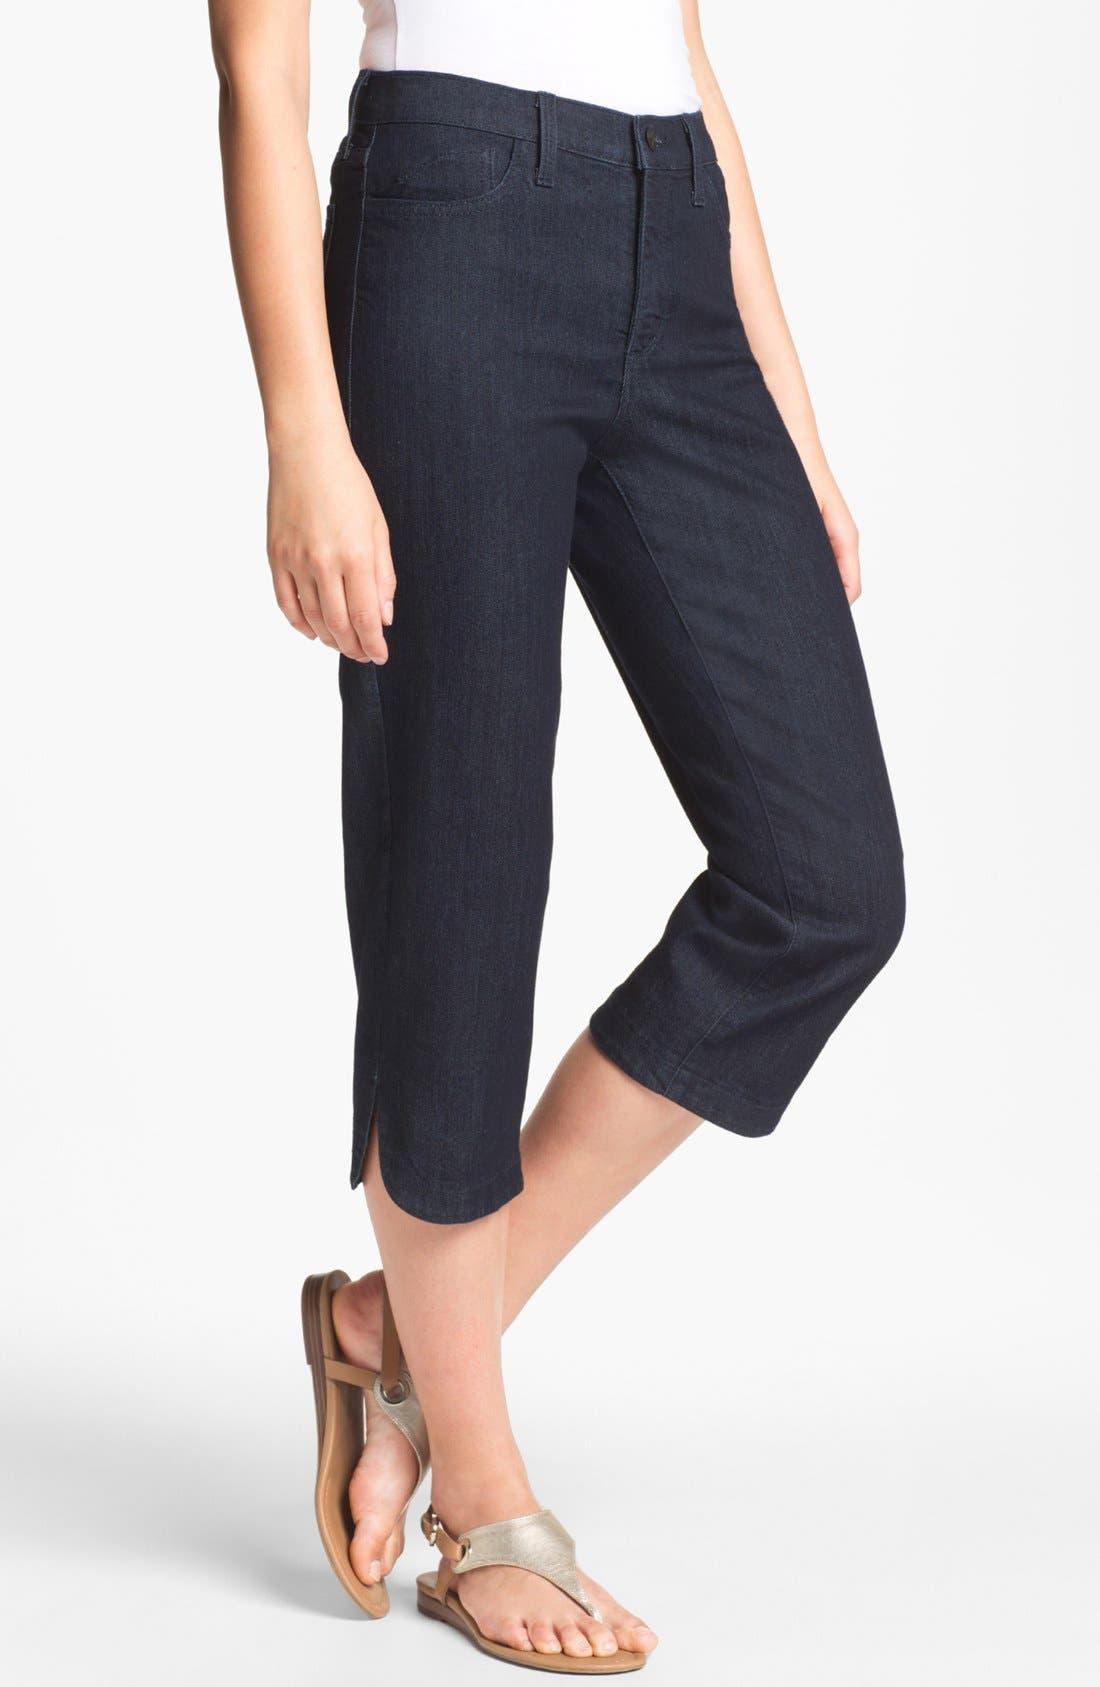 Alternate Image 1 Selected - NYDJ 'Olga' Crop Jeans